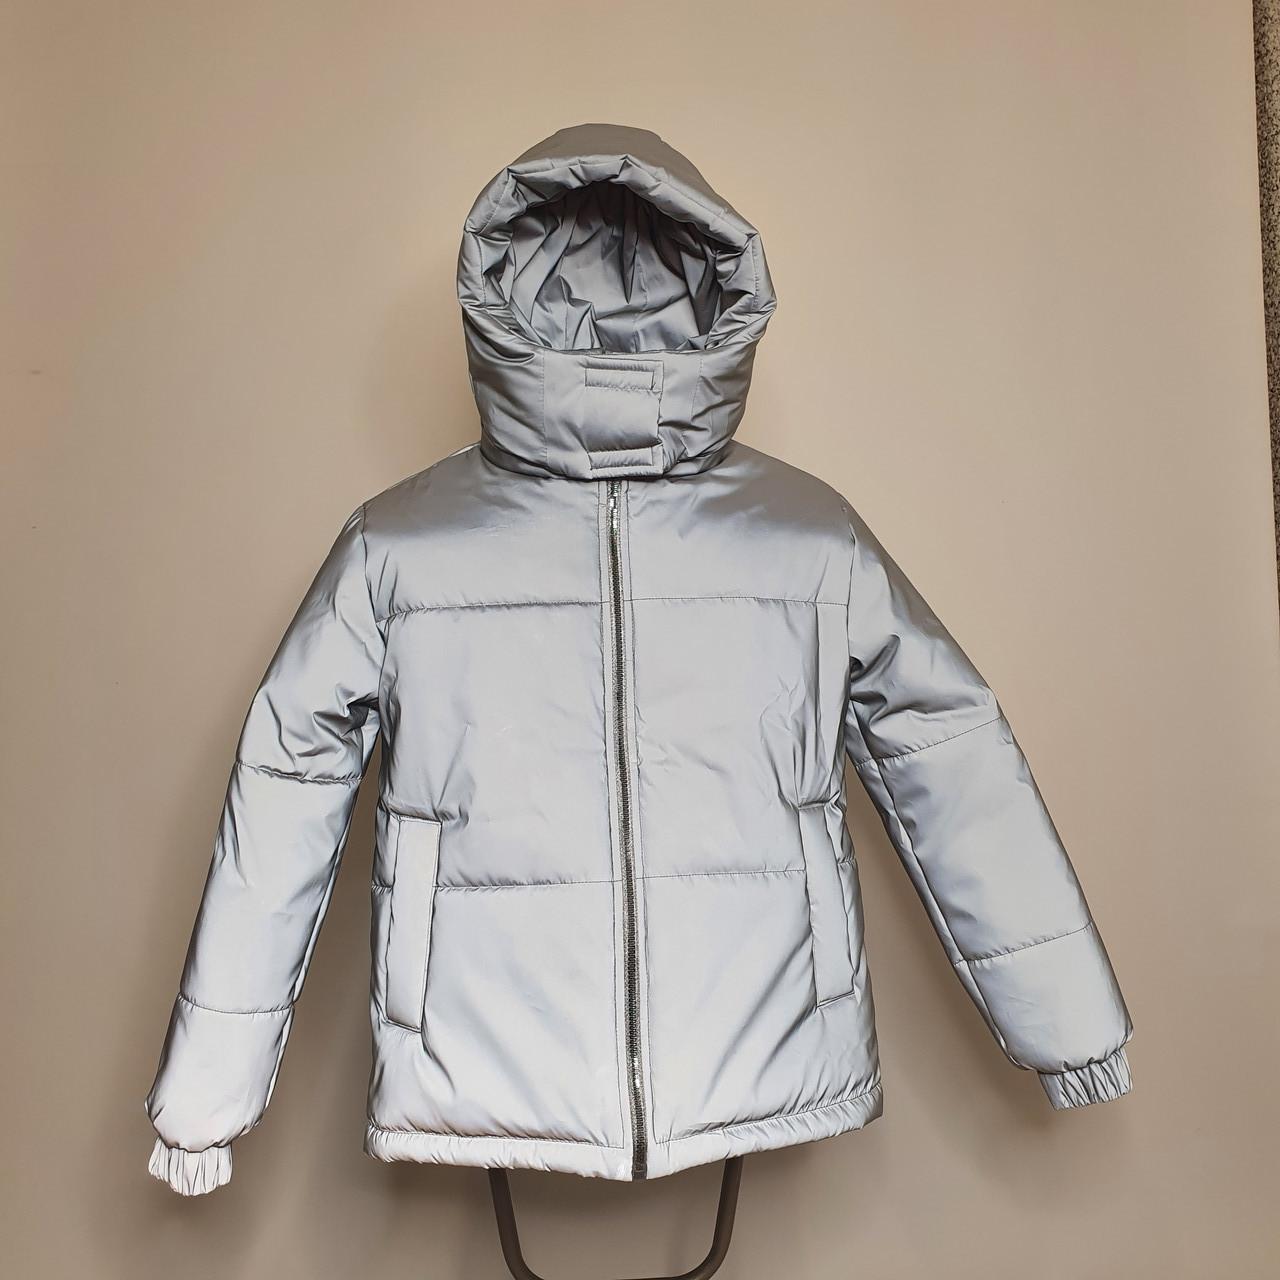 Светоотражающая женская куртка из рефлективной ткани с капюшоном р-ры 38-48 Ванда Рефлектив